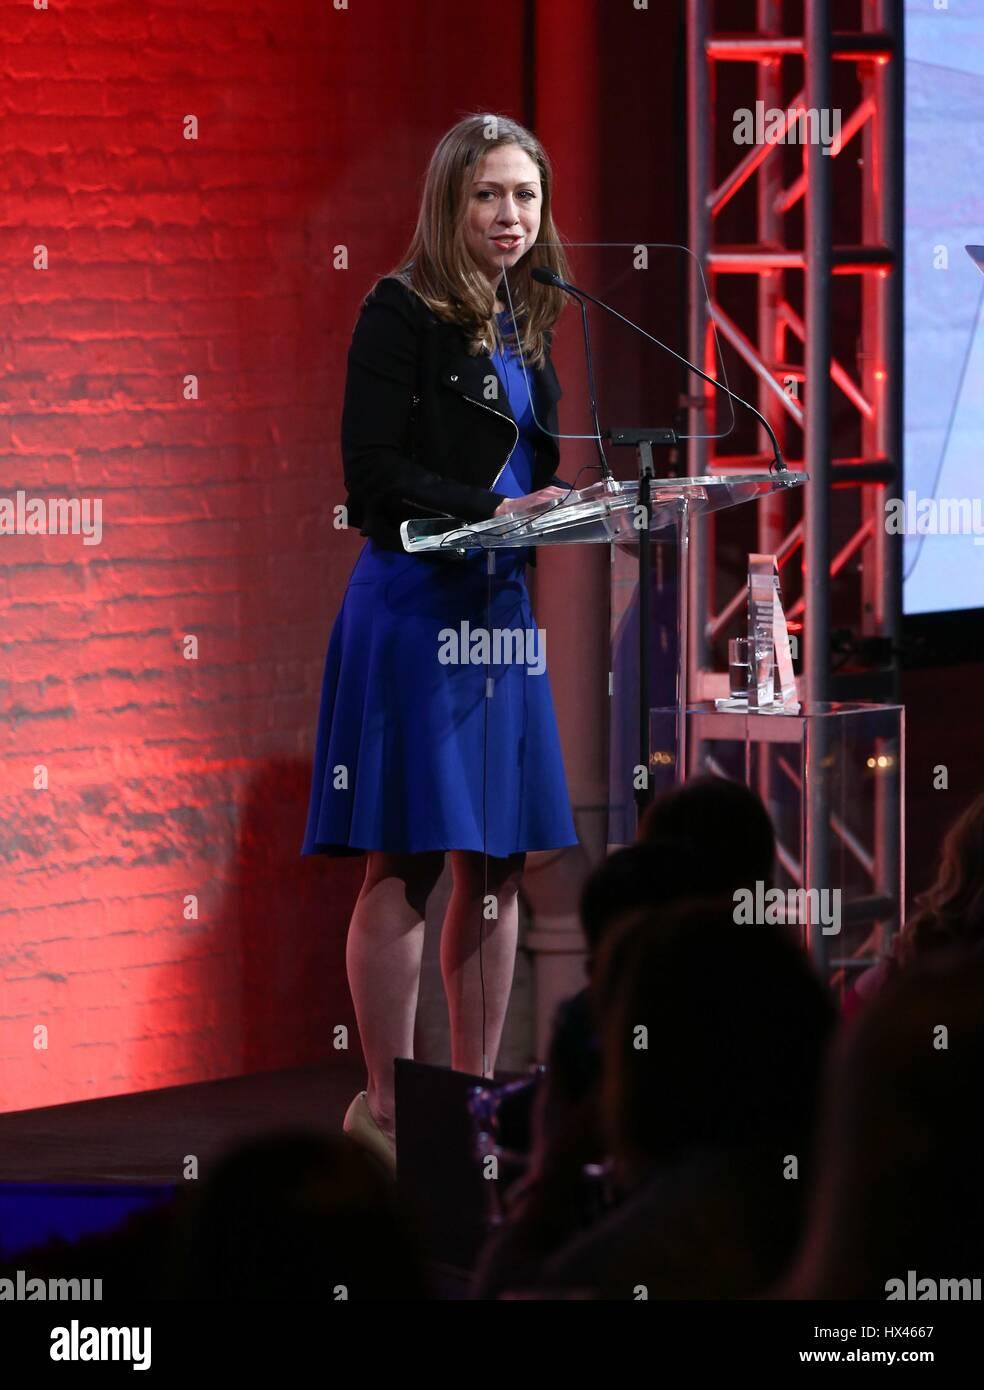 New York, NY, USA. Mar 23, 2017. Chelsea Clinton aux arrivées pour 35e anniversaire GMHC Gala du printemps, Photo Stock